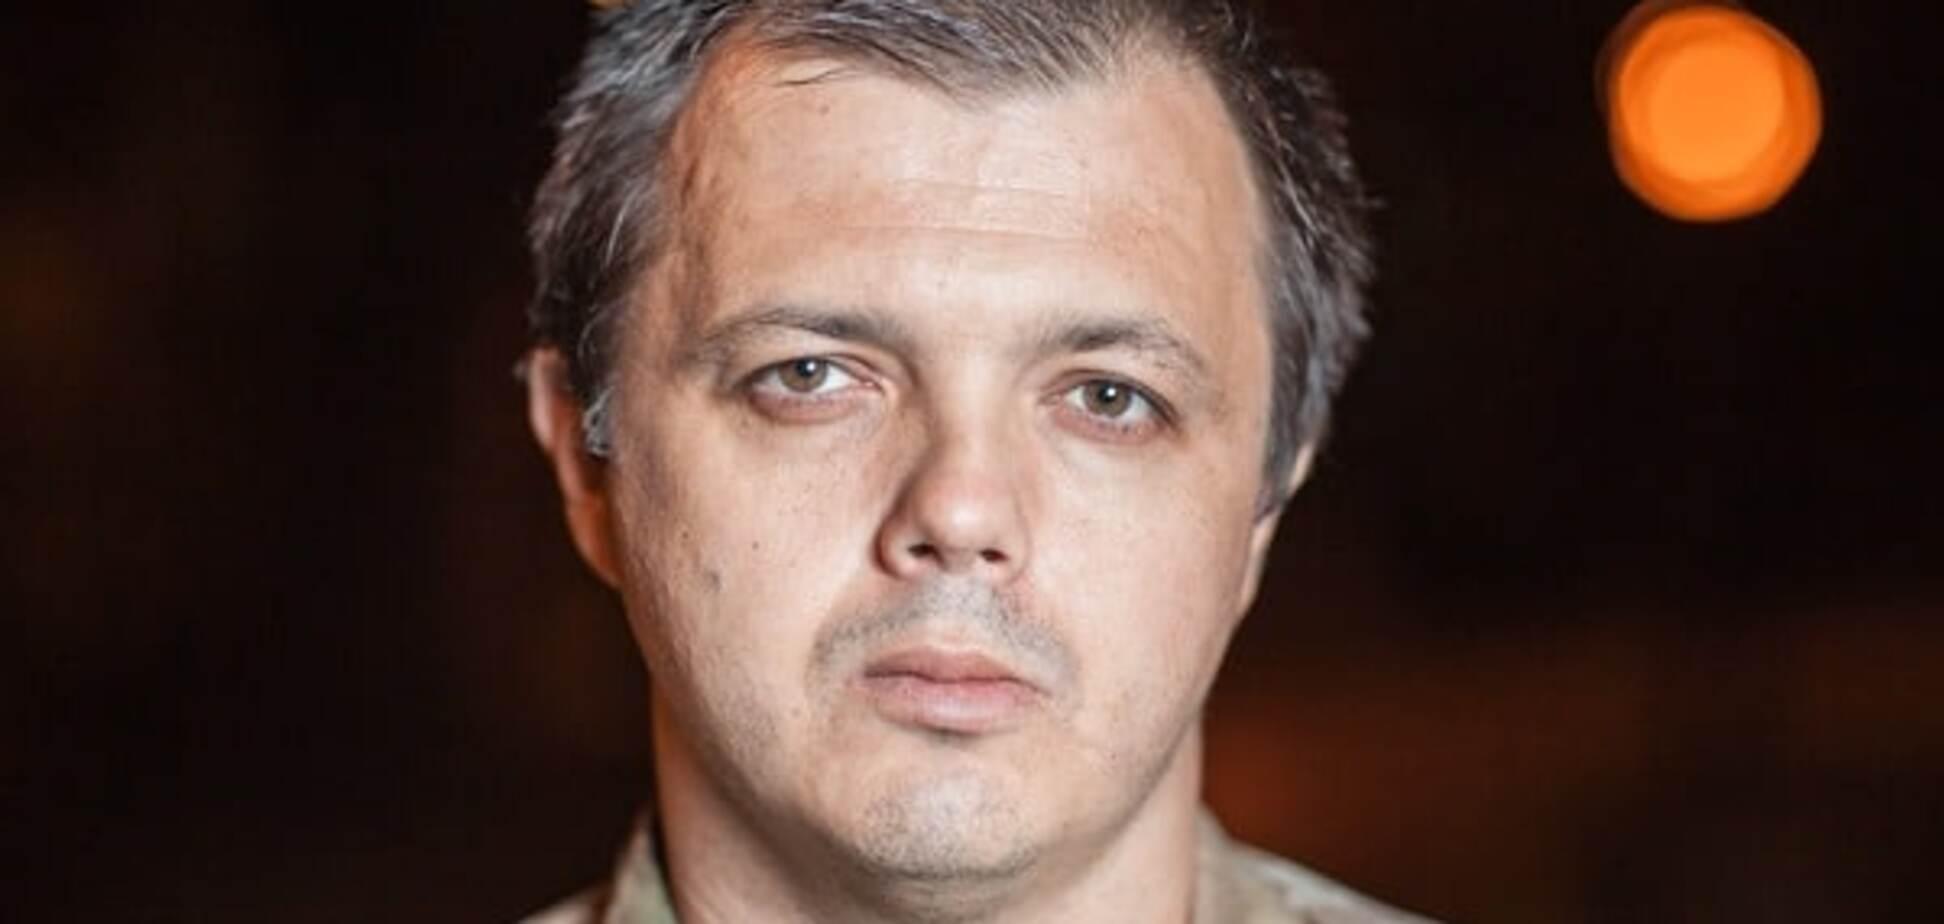 Капітаном не вийшло, буду мером: Семенченко зібрався на вибори в Кривому Розі